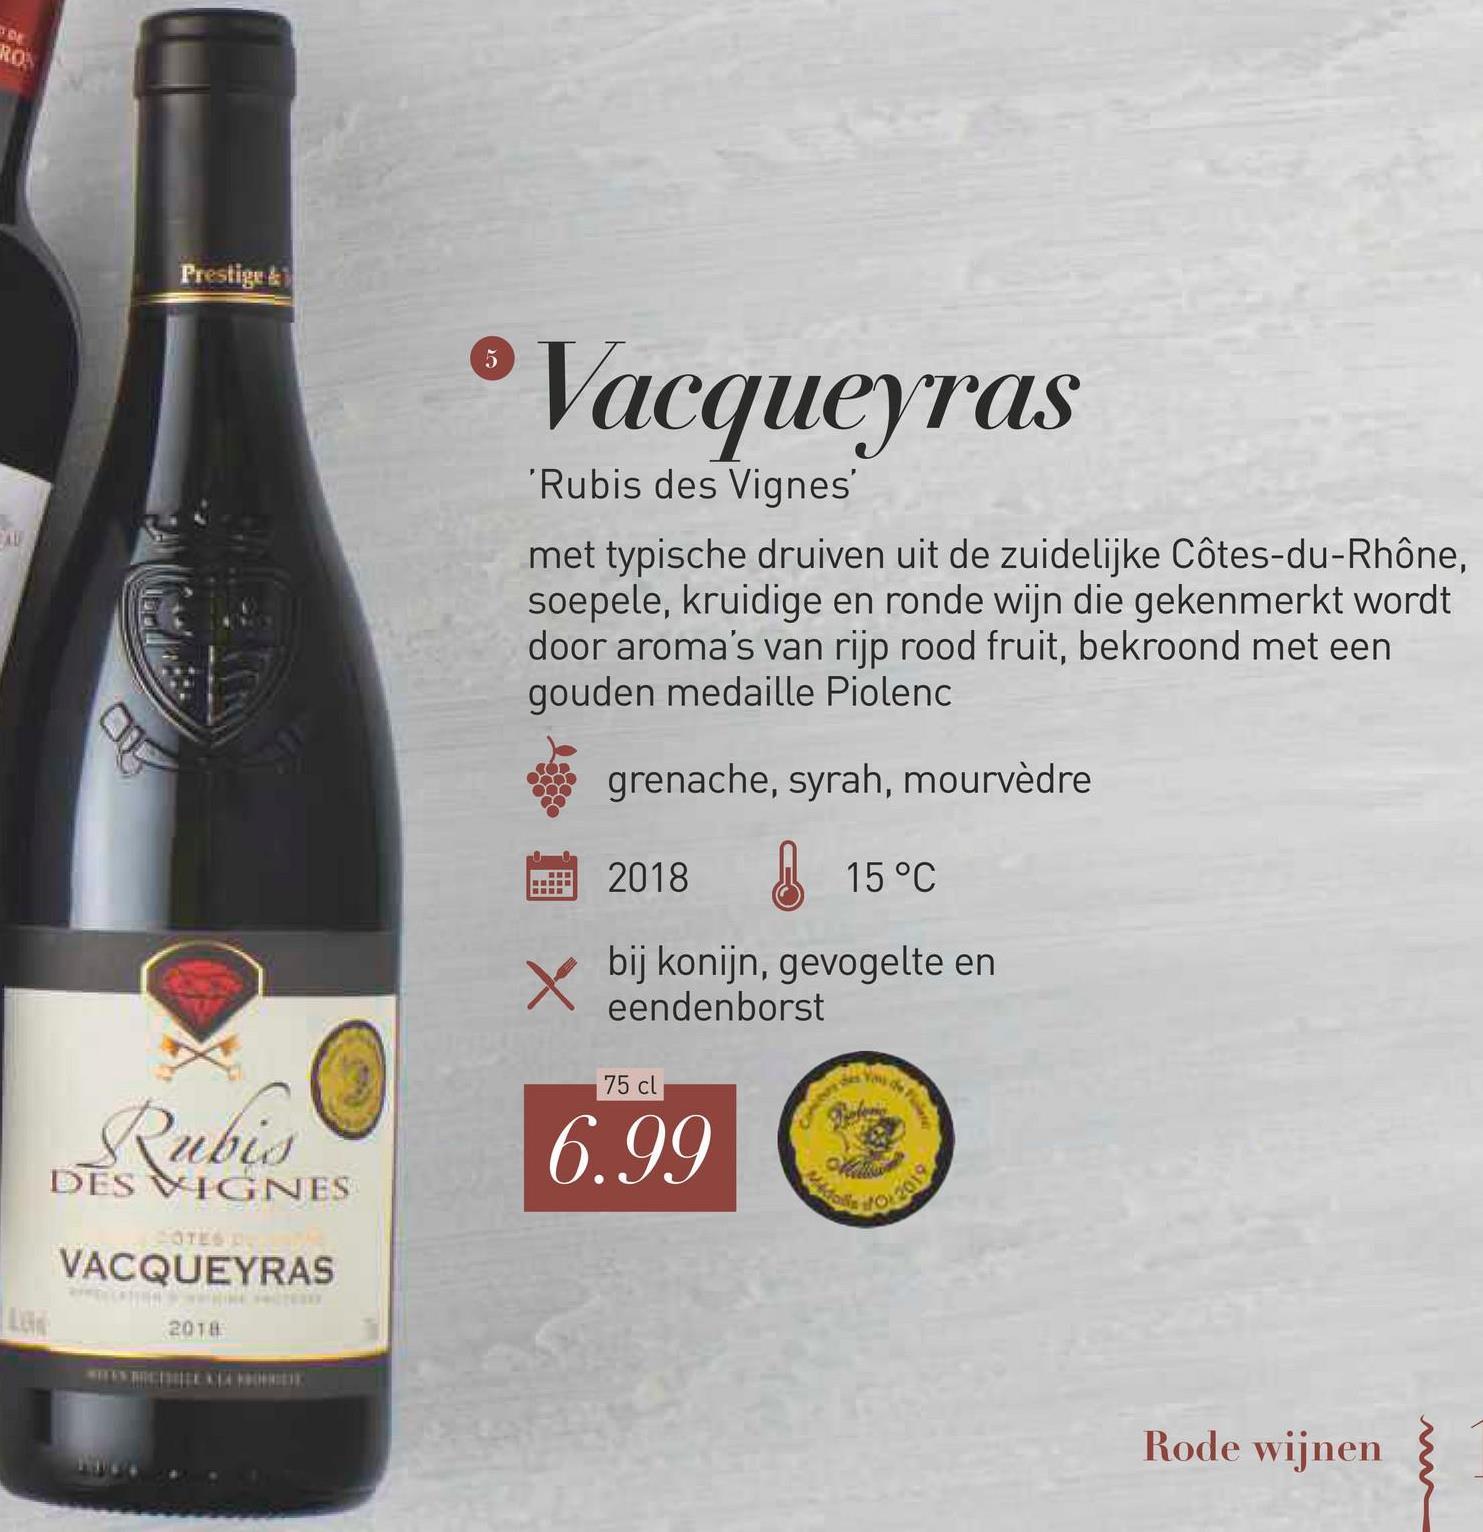 Prestige ®Vacqueyras 'Rubis des Vignes met typische druiven uit de zuidelijke Côtes-du-Rhône, soepele, kruidige en ronde wijn die gekenmerkt wordt door aroma's van rijp rood fruit, bekroond met een gouden medaille Piolenc grenache, syrah, mourvèdre 2018 Ø 15°C bij konijn, gevogelte en eendenborst 75 cl Rubis DES VIGNES 6.99 VACQUEYRAS 2018 Rode wijnen